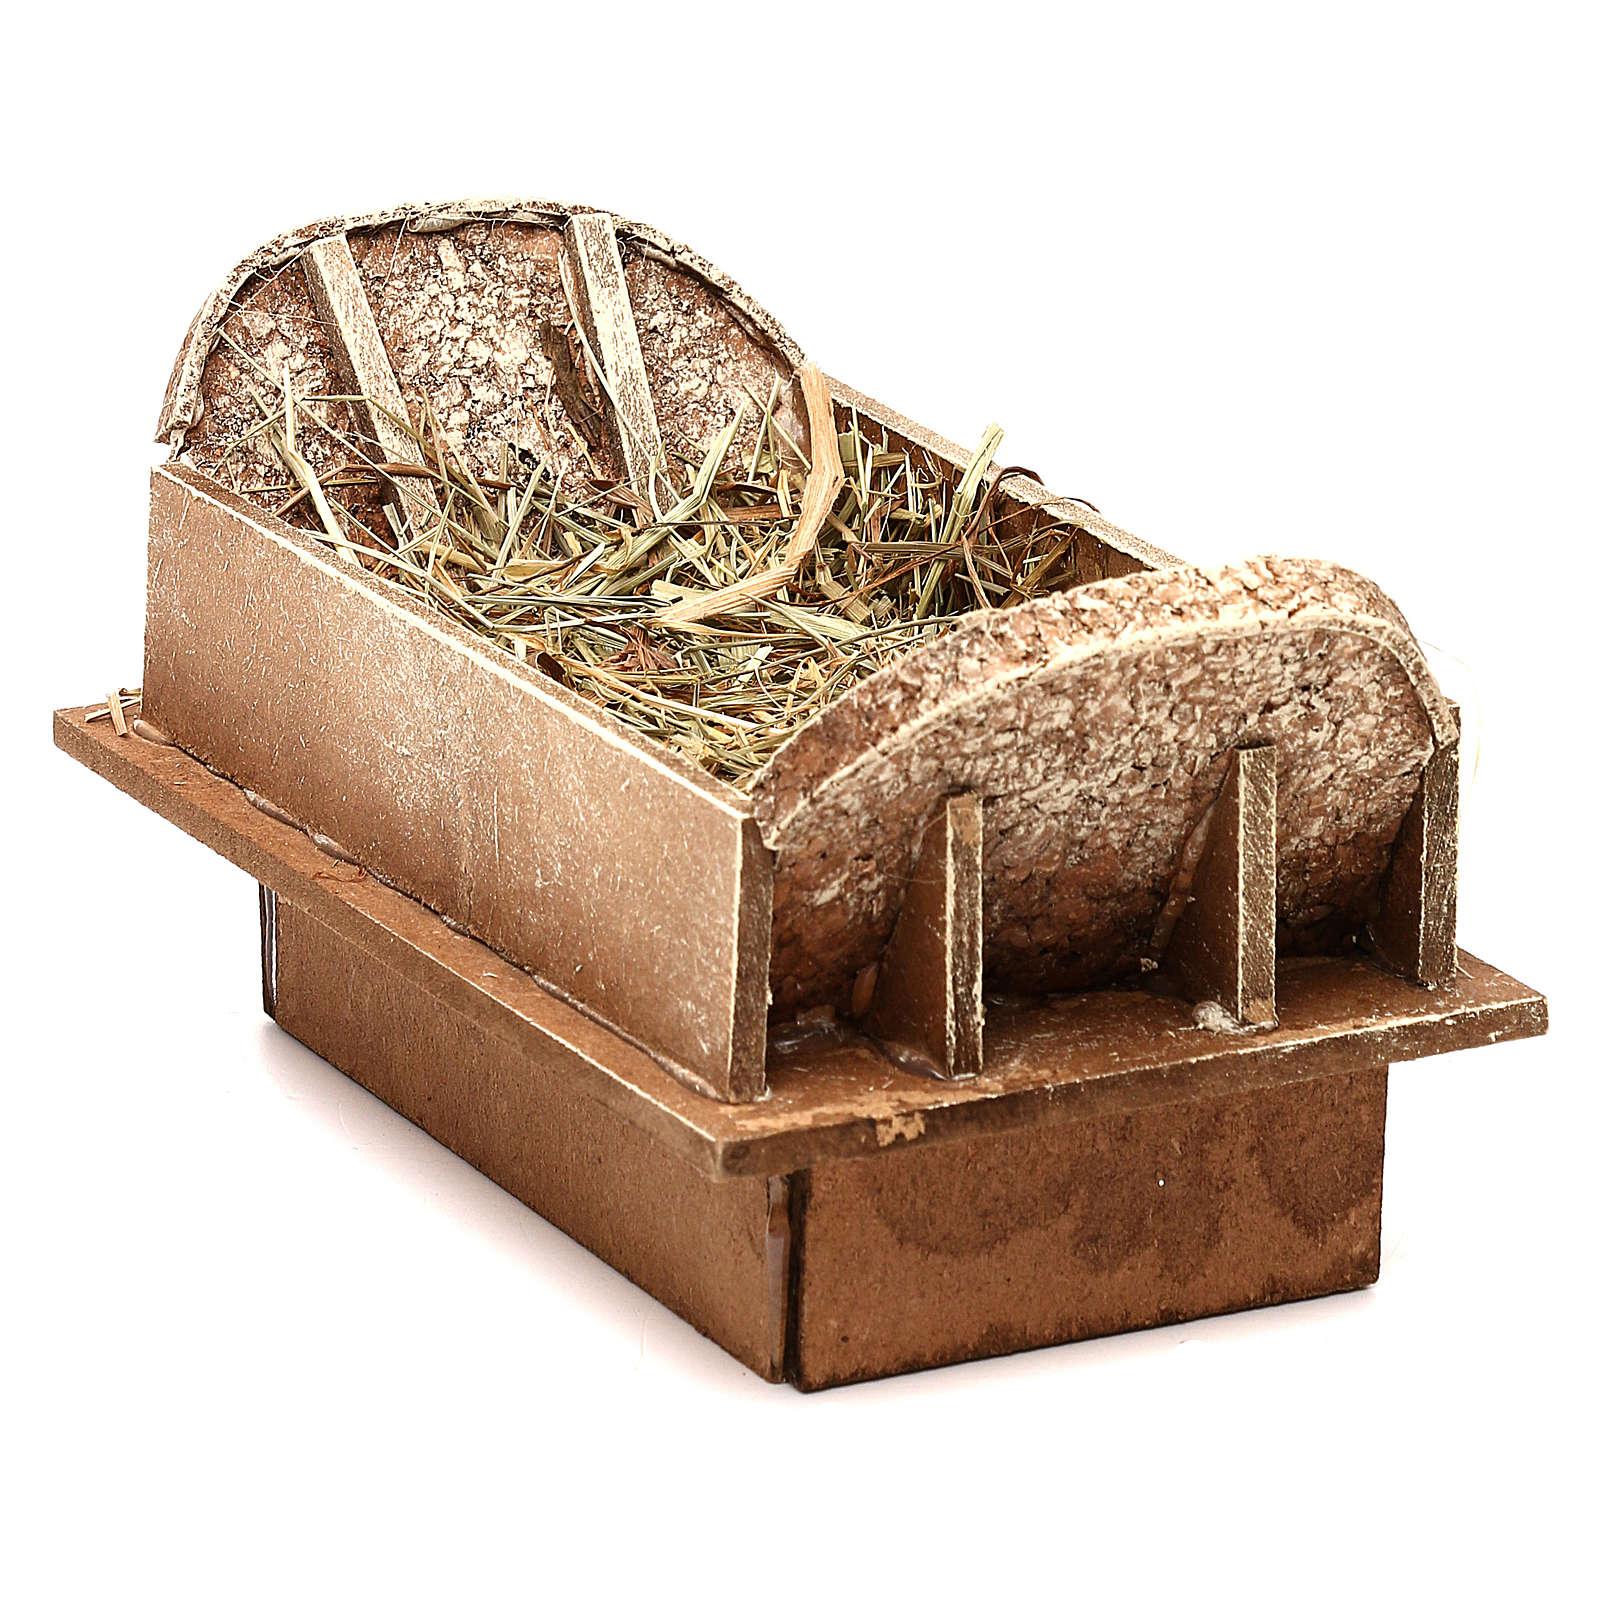 Culla in legno e paglia presepe 16-18 cm 3